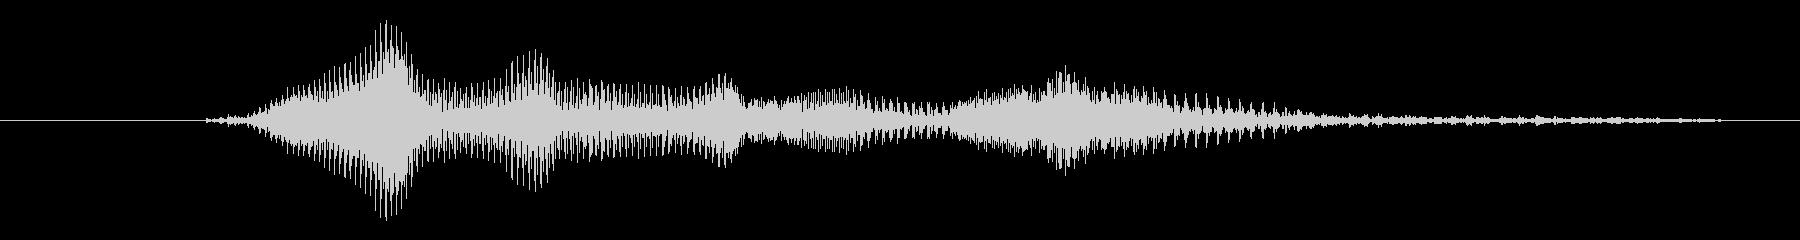 鳴き声 男性ヒット18の未再生の波形